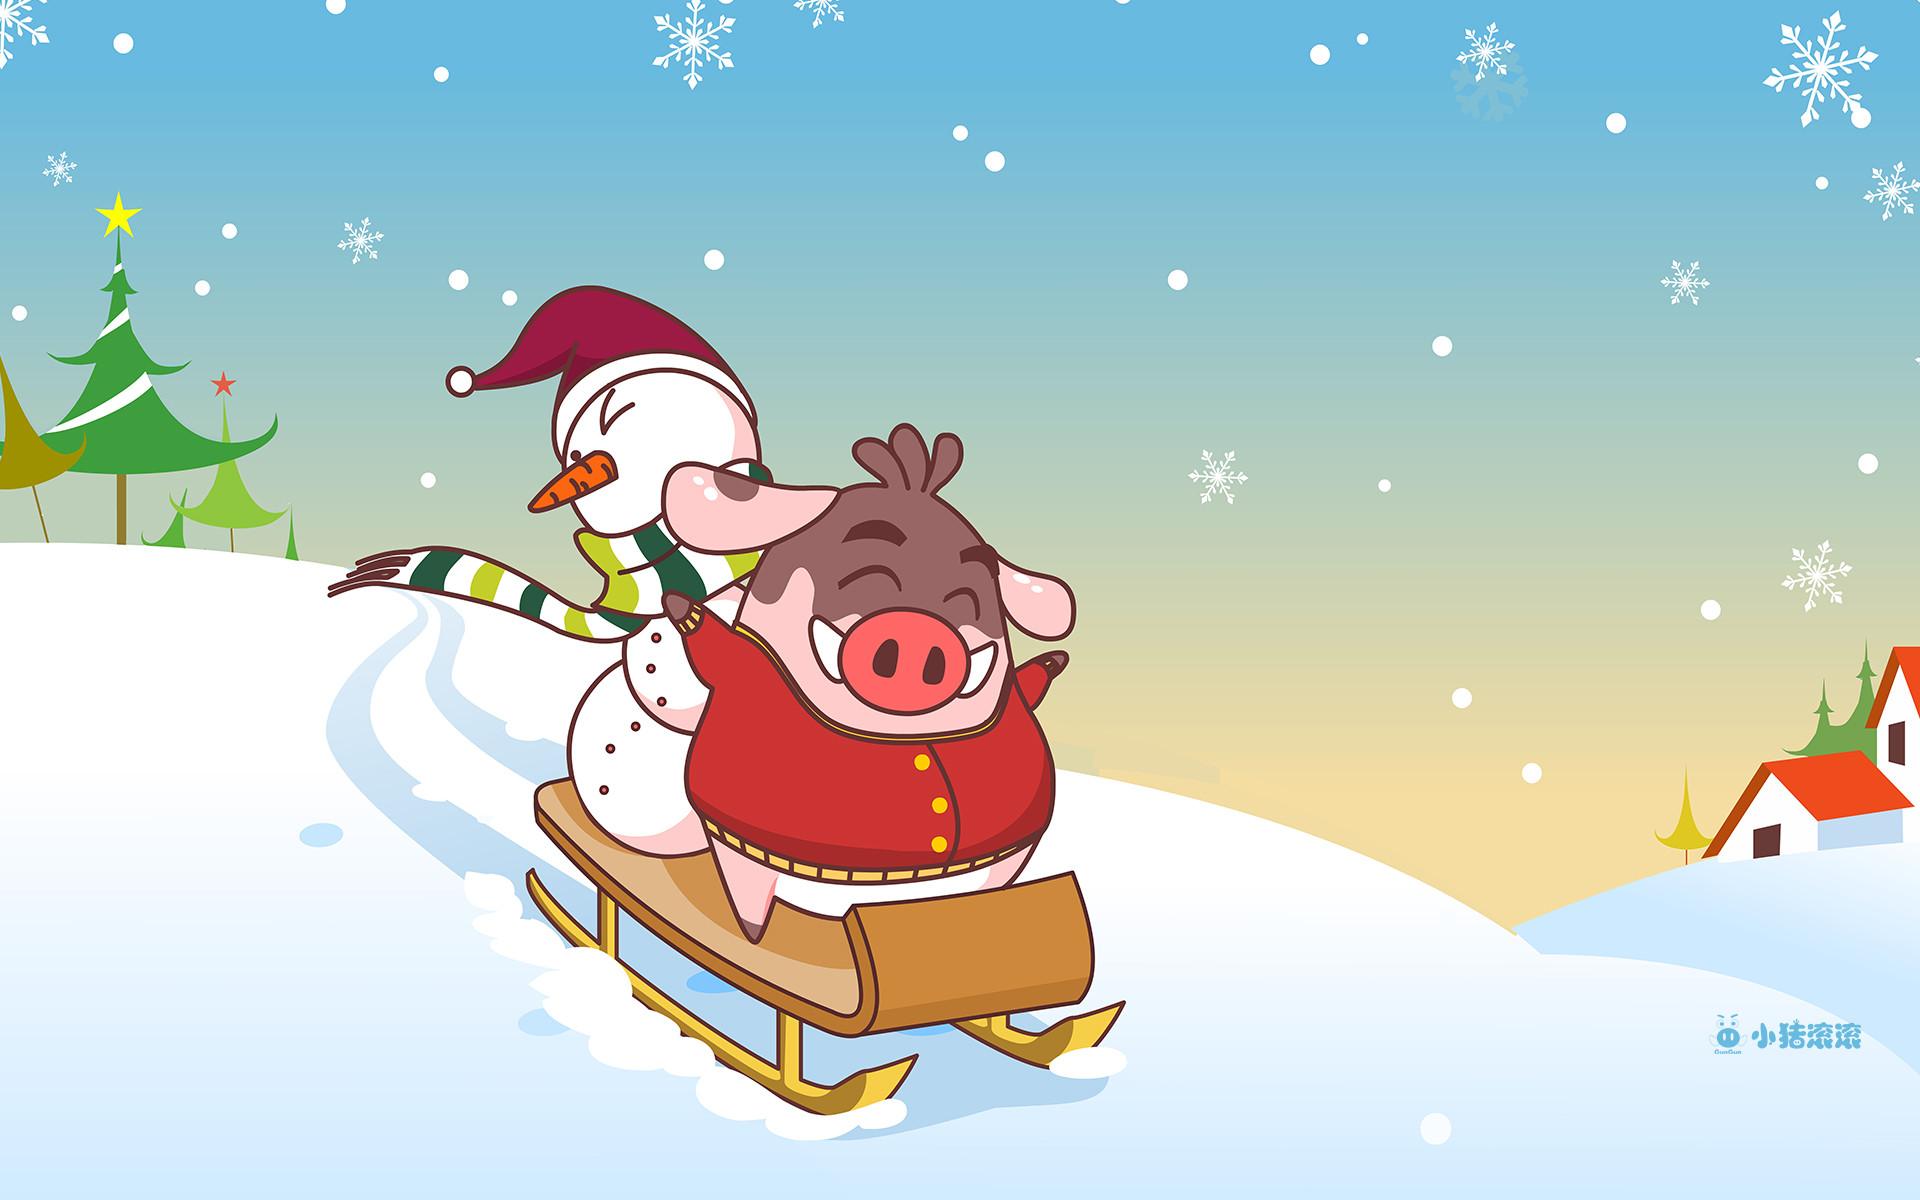 """小猪圣诞节PPT背景图片免费下载是由PPT宝藏(www.pptbz.com)会员zengmin上传推荐的节日PPT背景图片, 更新时间为2016-09-22,素材编号103173。 圣诞快乐据说耶稣是因着圣灵成孕,由童女马利亚所生的。神更派遣使者加伯列在梦中晓谕约瑟,叫他不要因为马利亚未婚怀孕而不要她,反而要与她成亲,把那孩子起名为""""耶稣"""",意思是要他把百姓从罪恶中救出来。 圣诞卡(圣诞卡片)在美国和欧洲很流行,许多家庭随贺卡带上年度家庭合照或家庭新闻,新闻一般包括家庭成员在过去一年的优点特长等内容。"""